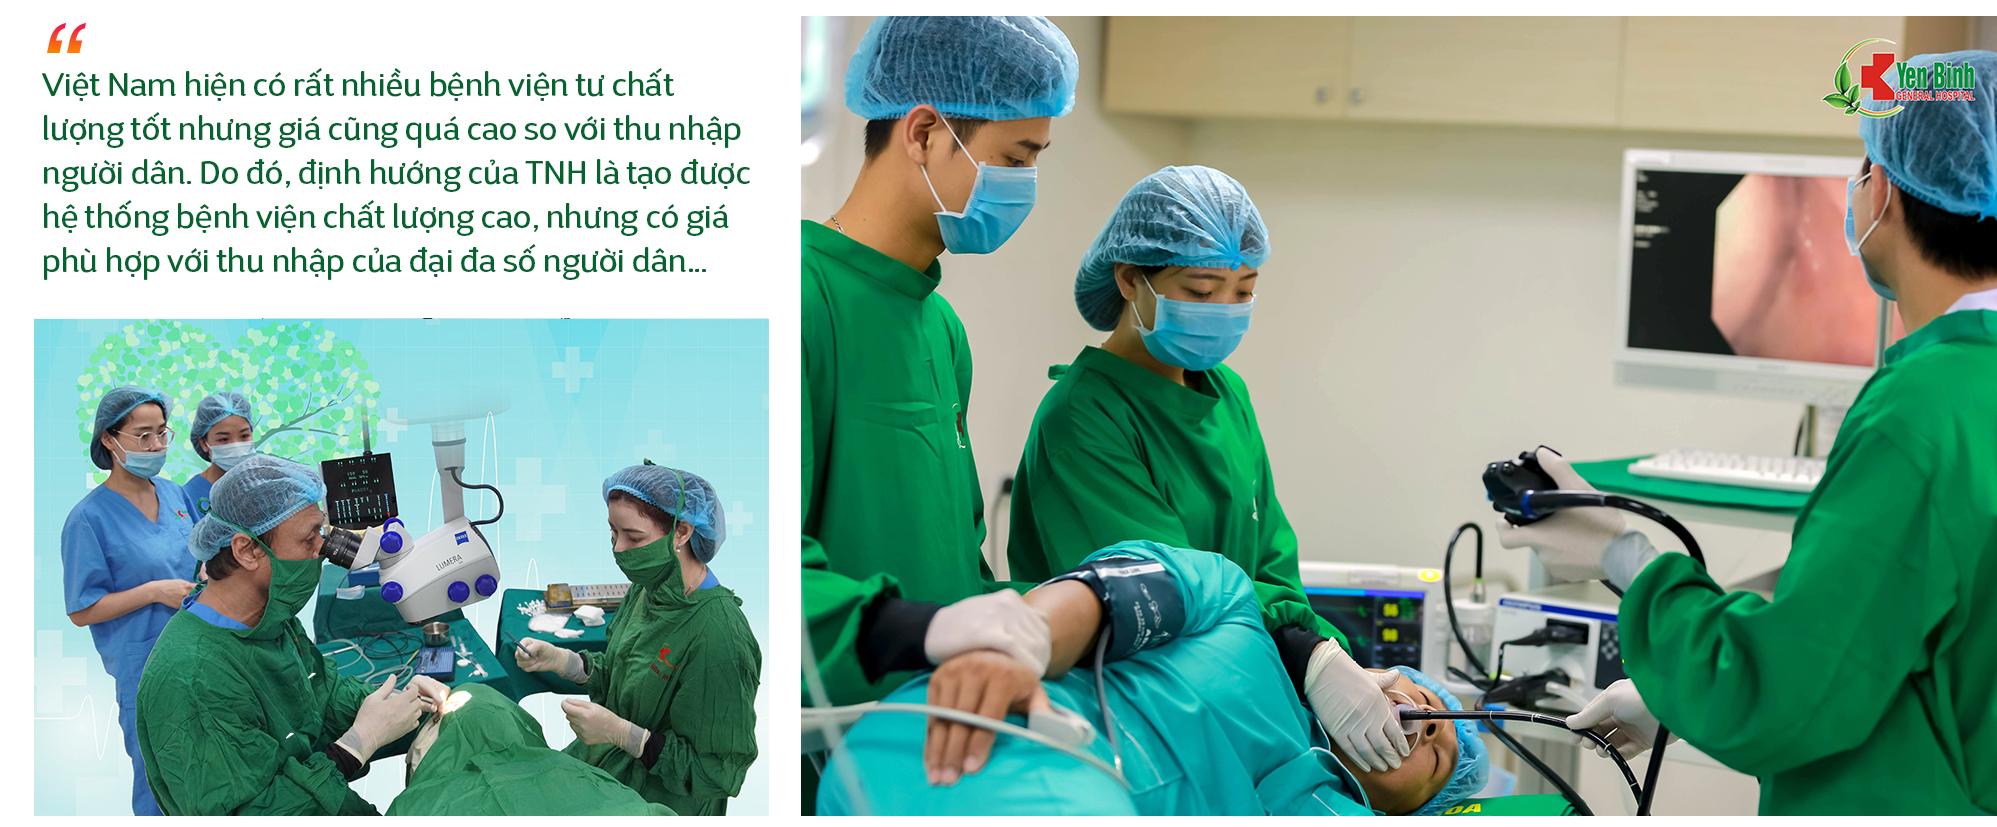 Công ty Cổ phần Bệnh viện Quốc tế Thái Nguyên và câu chuyện tìm vốn trên thị trường để phát triển chuỗi bệnh viện phục vụ được số đông người dân - Ảnh 4.